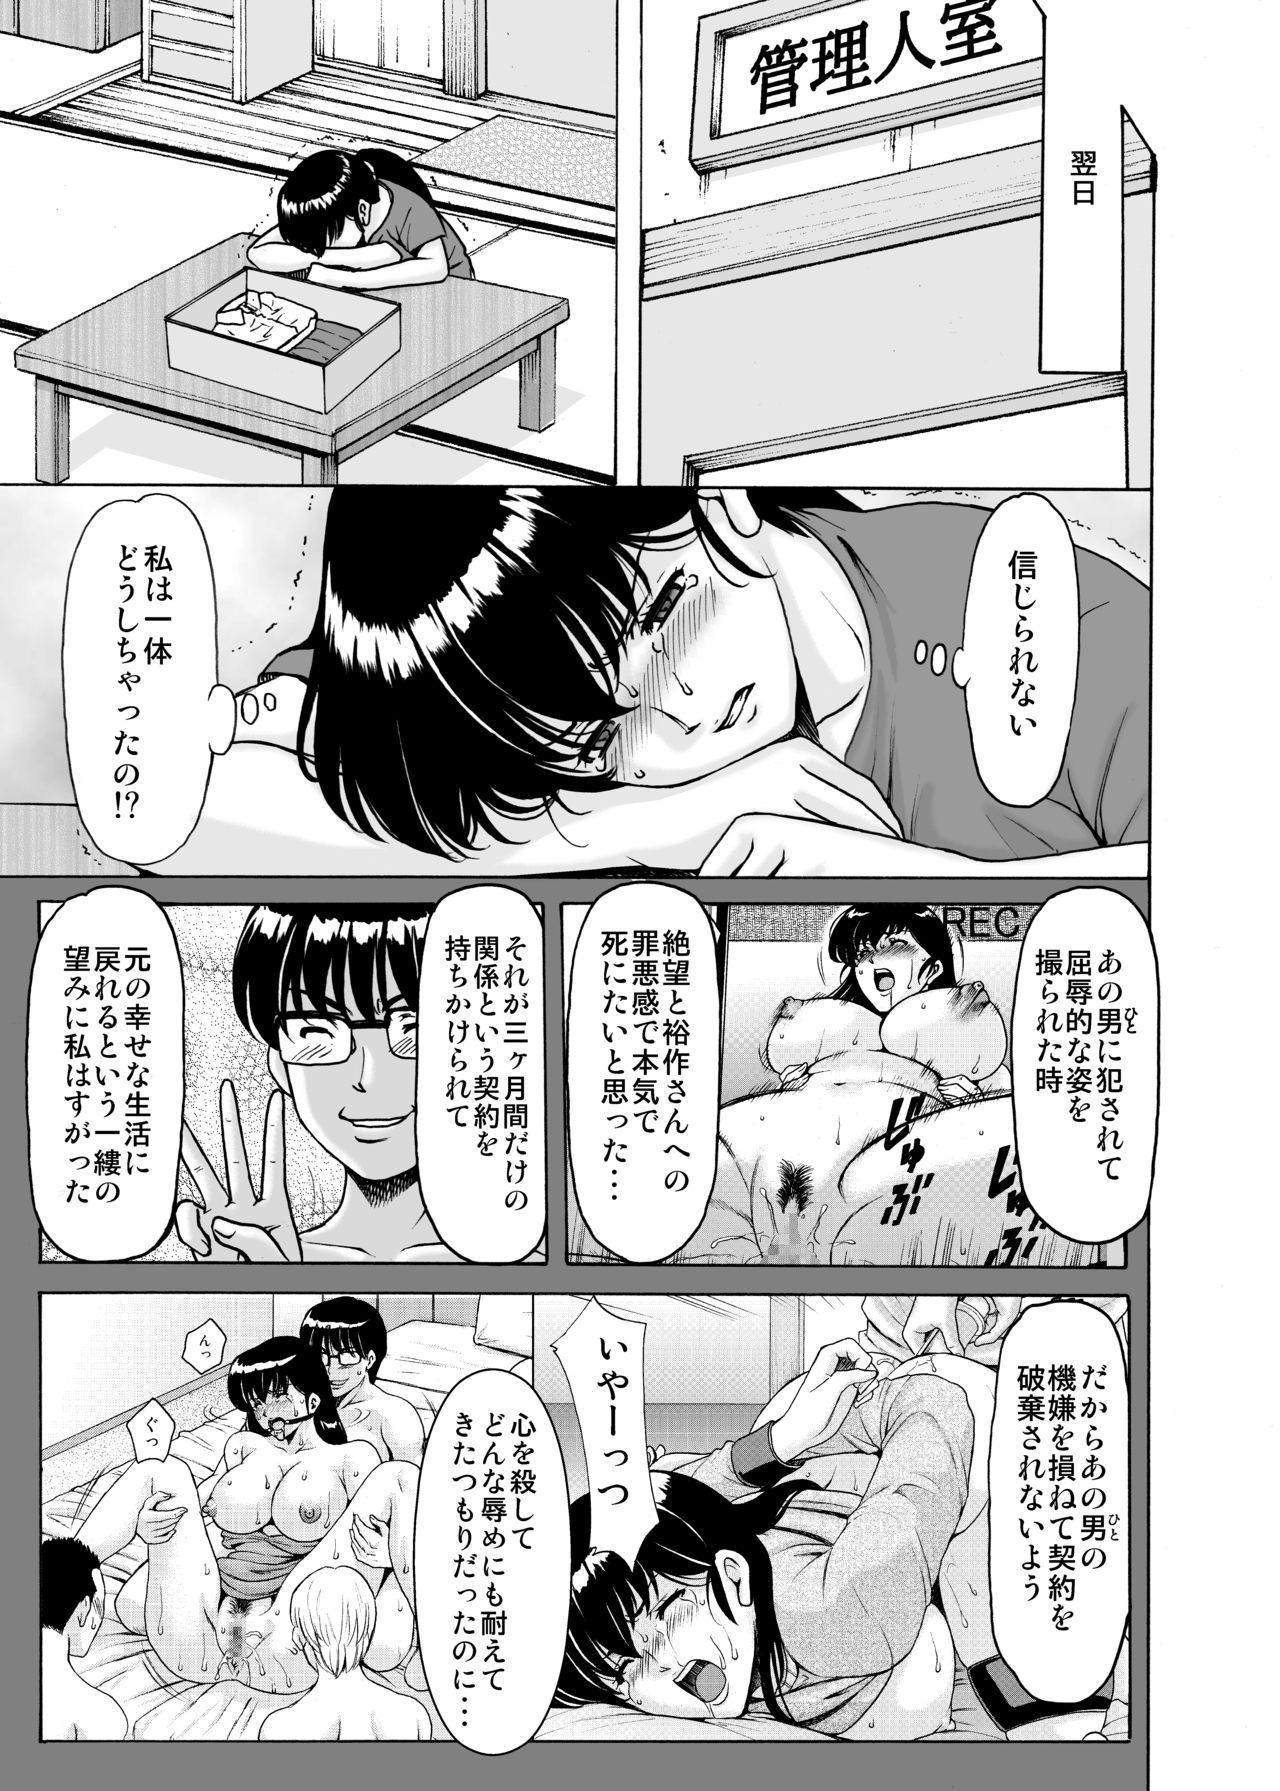 Hitozuma Kanrinin Kyouko 8 Juujun Hen 3 11